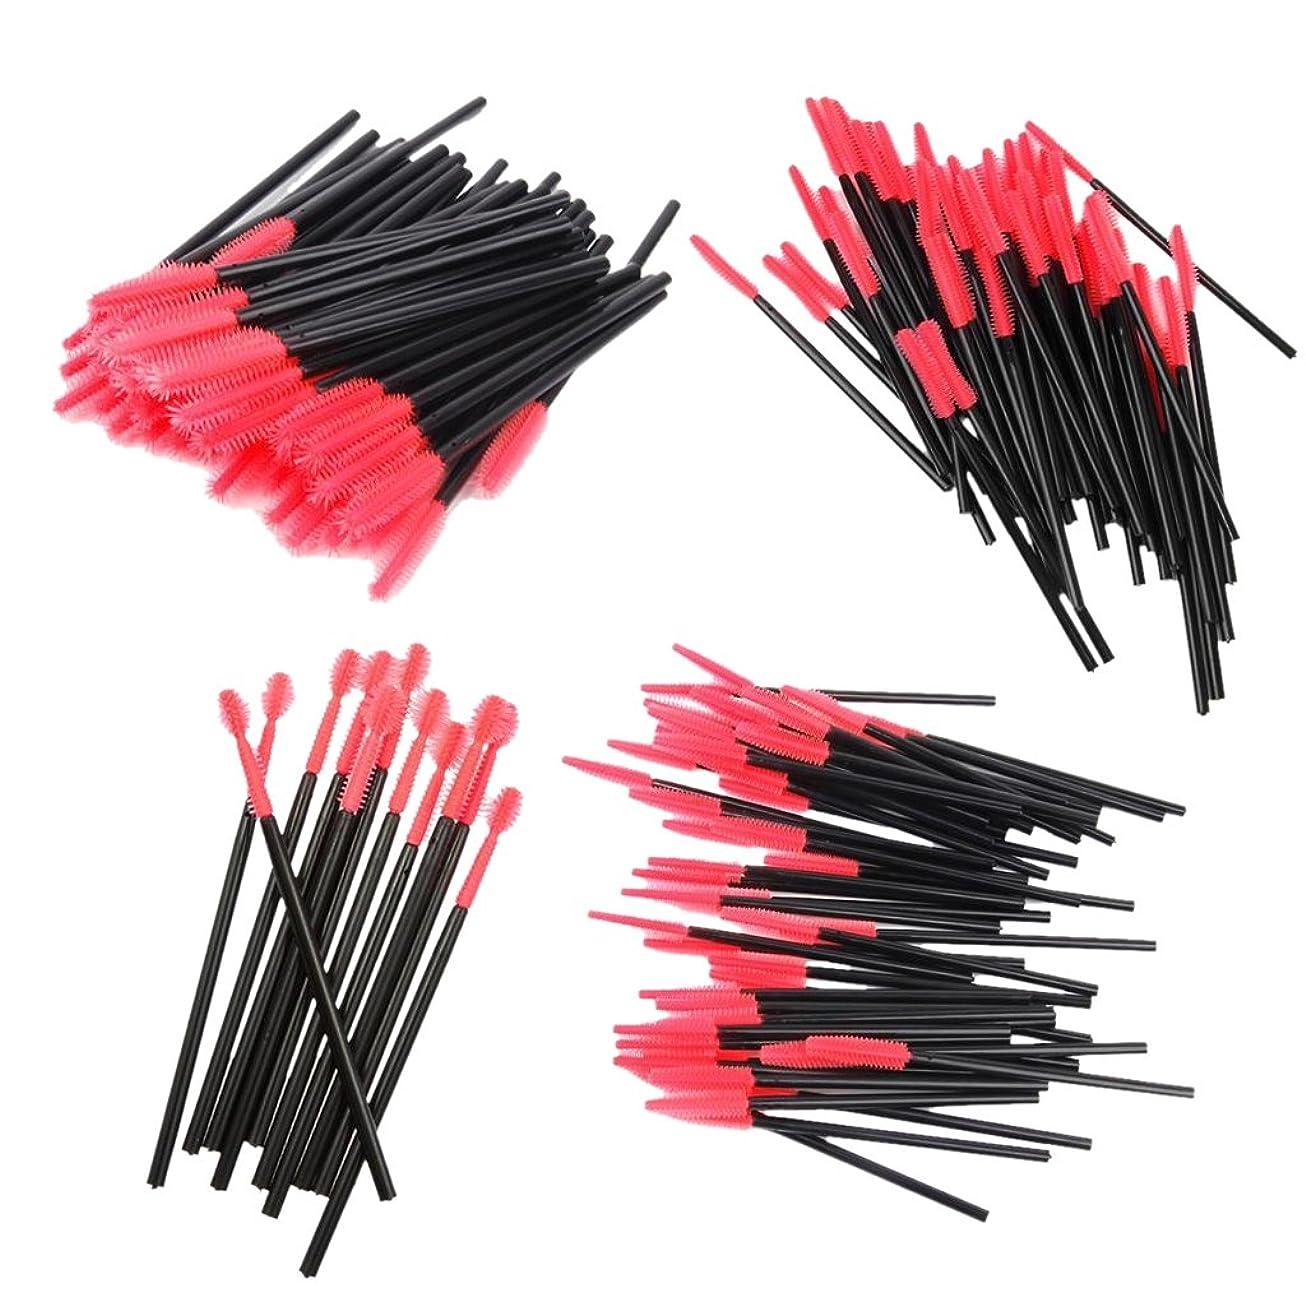 ニックネームパフオーケストラDYNWAVE アイラッシュスクリューブラシ 使い捨て まつげブラシ まつげエクステ用品 4種類 約200本入